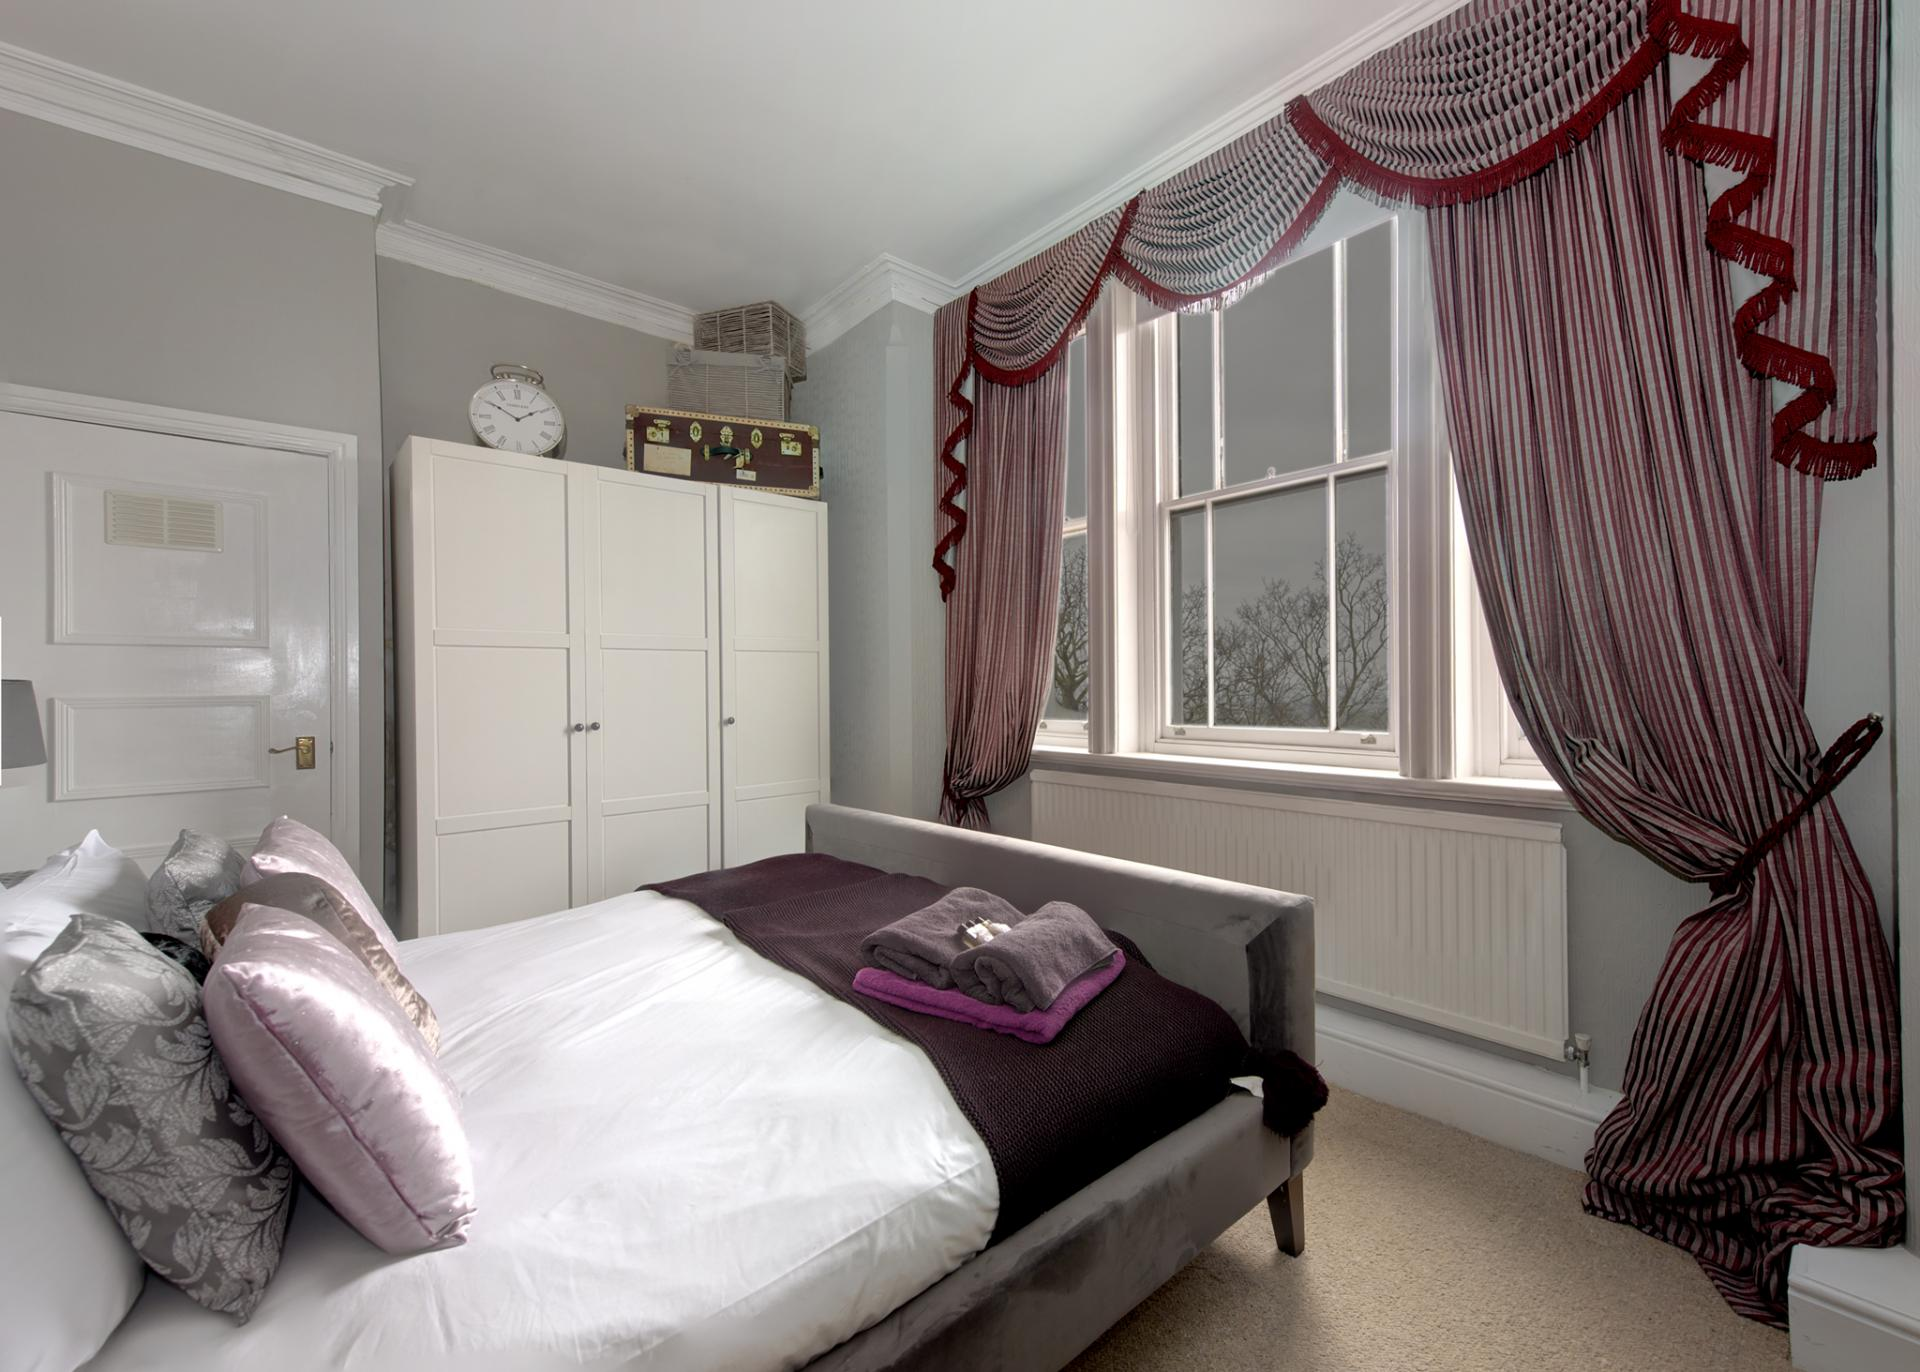 Bed at Nottingham Park View Apartment, Centre, Nottingham - Citybase Apartments